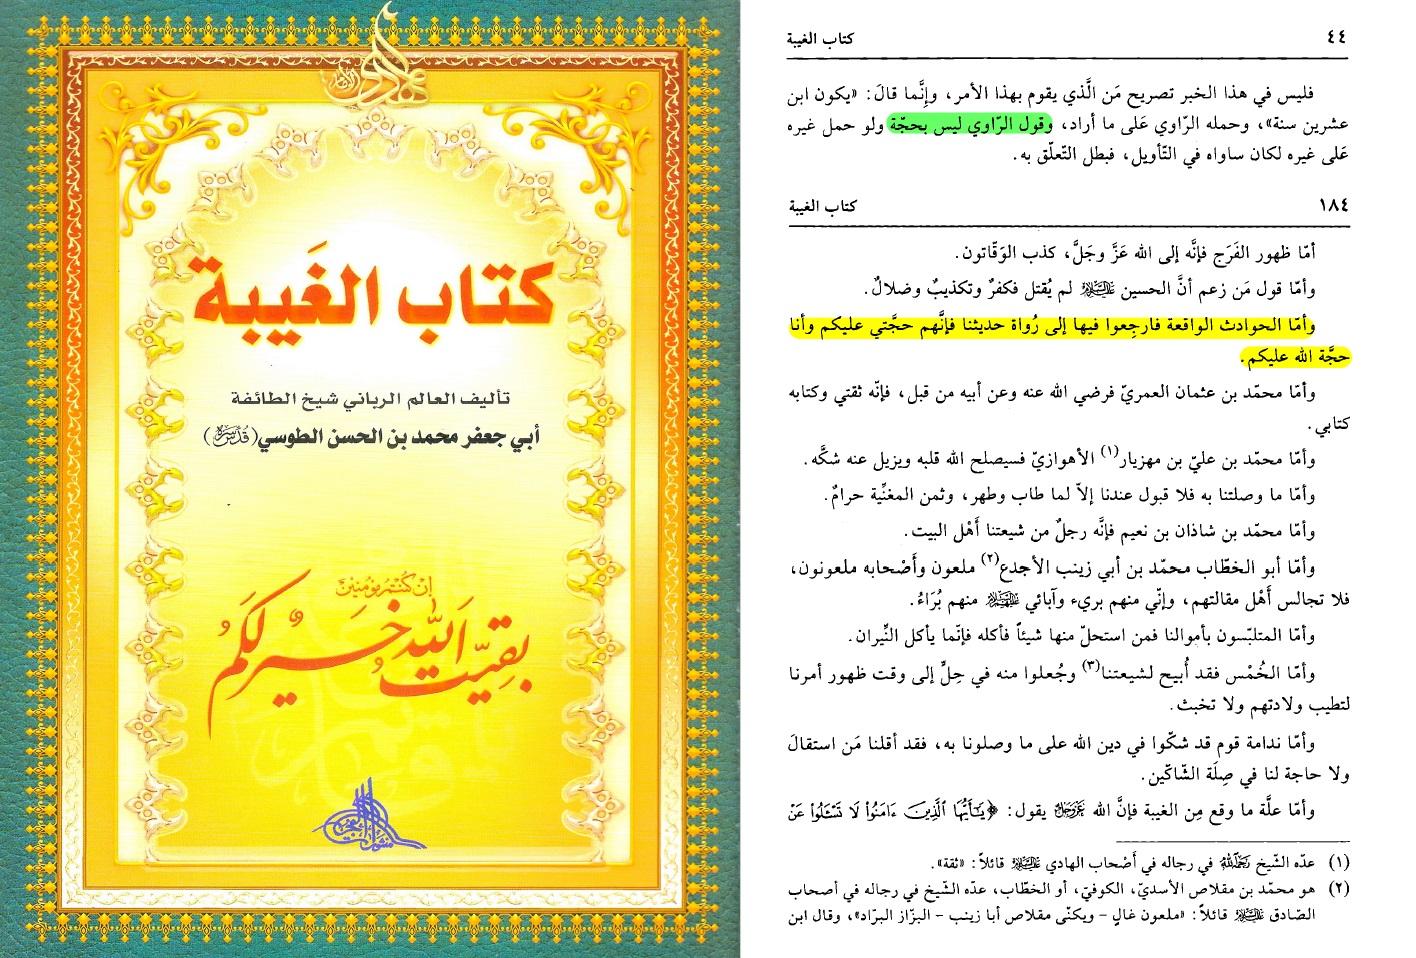 sa7i7-e-ghaibah-s-44-184